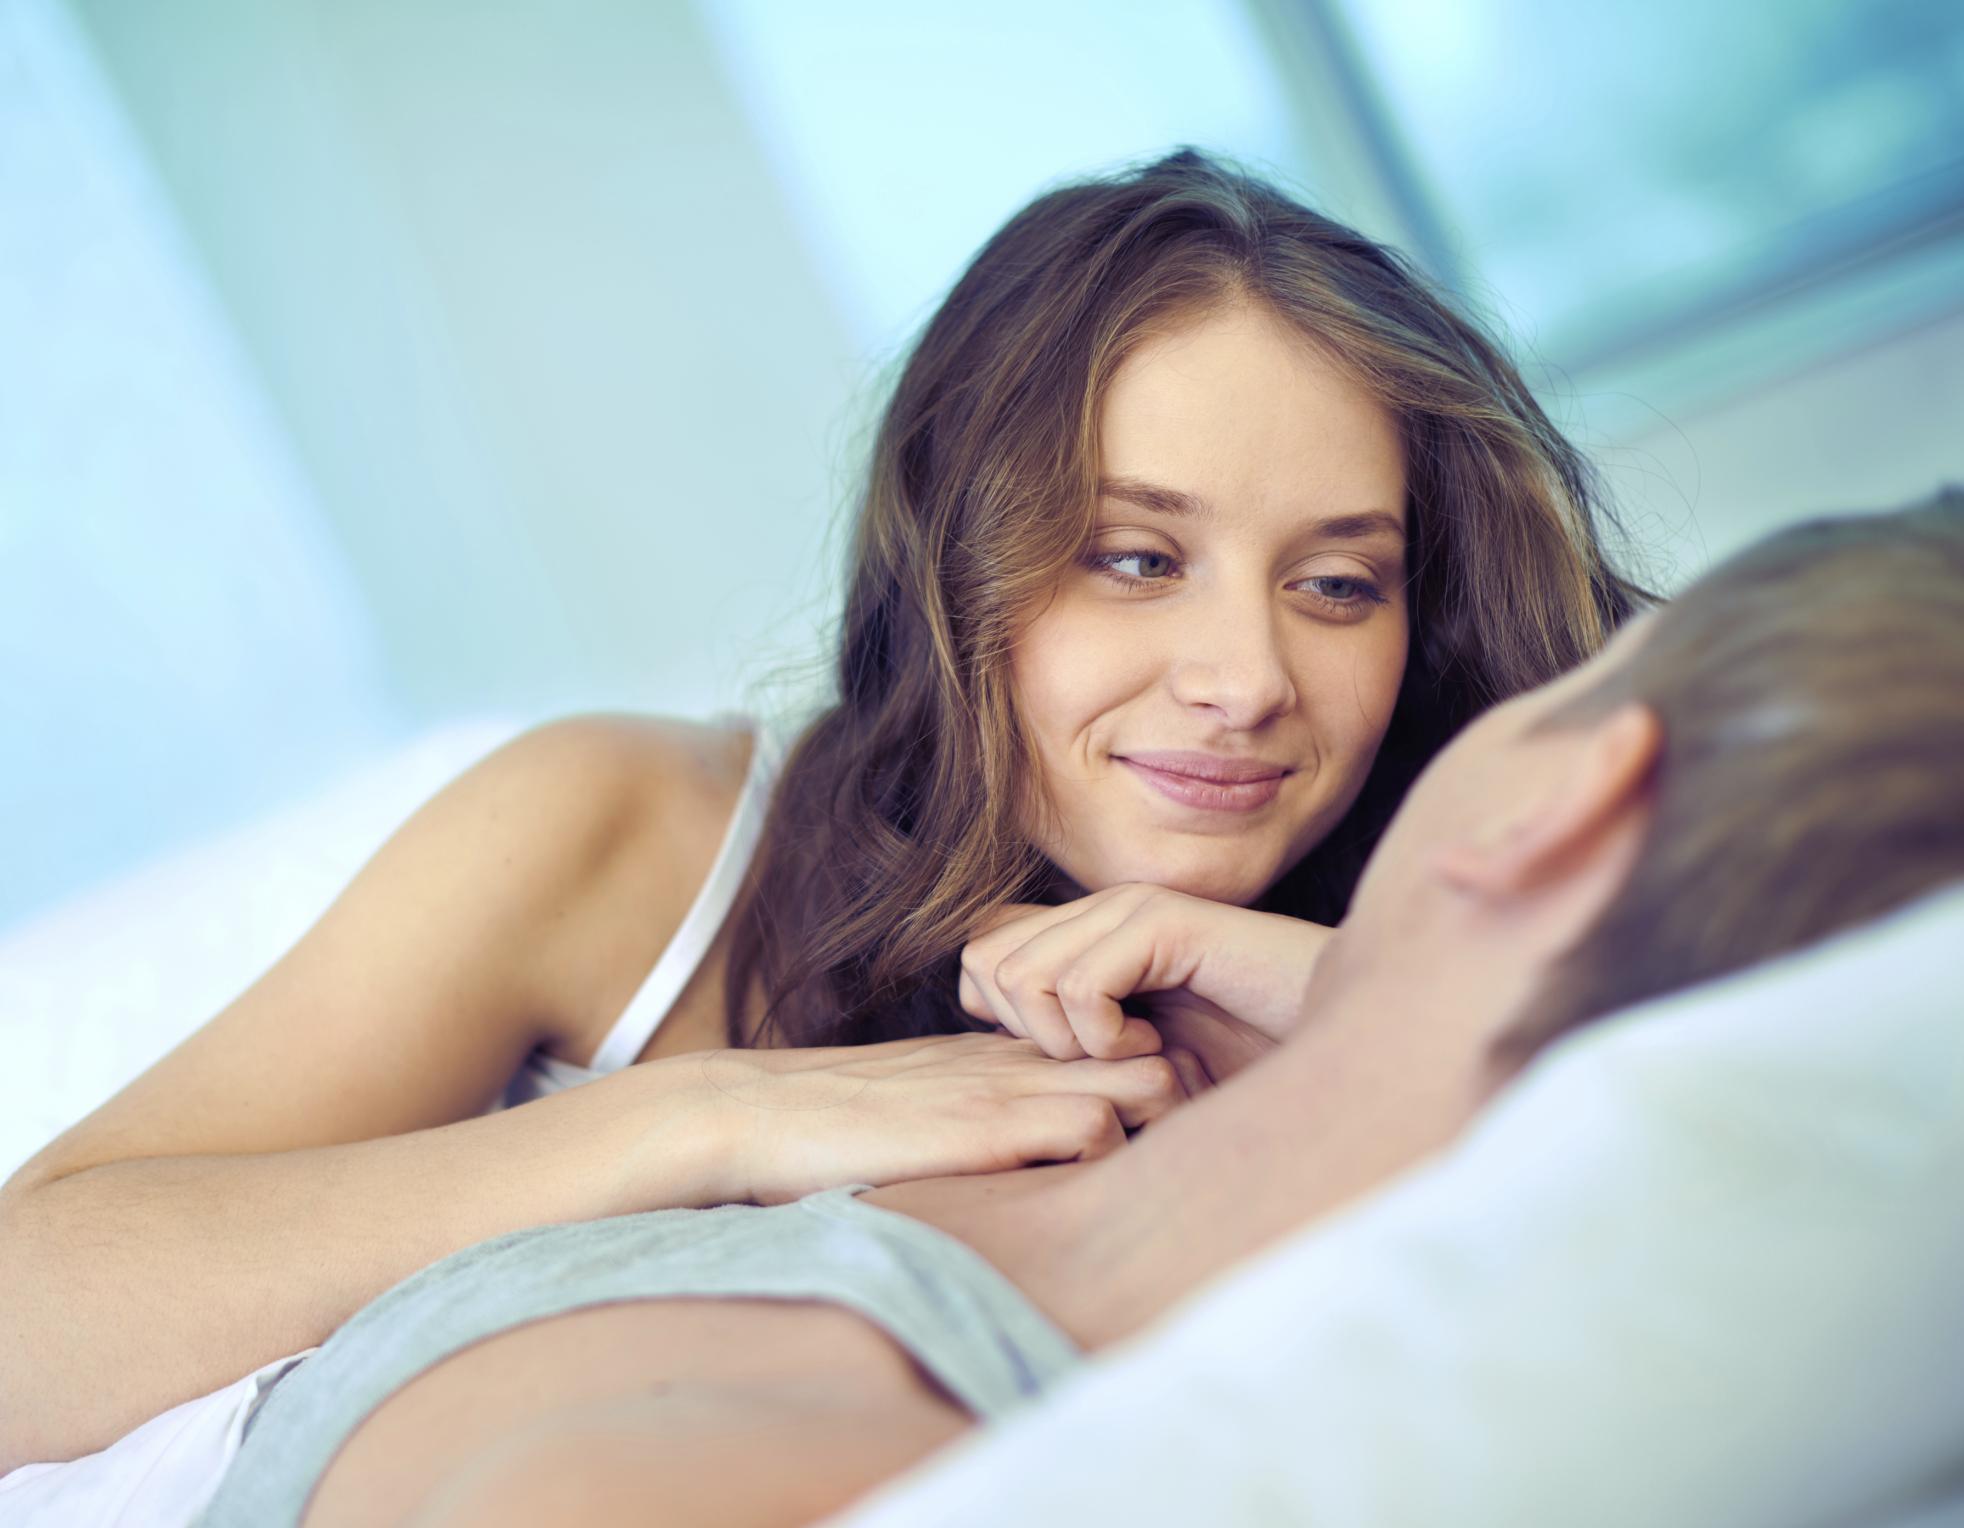 ελεύθερα μαμά σεξ φεγγάκι μαύρο Πεολειξία